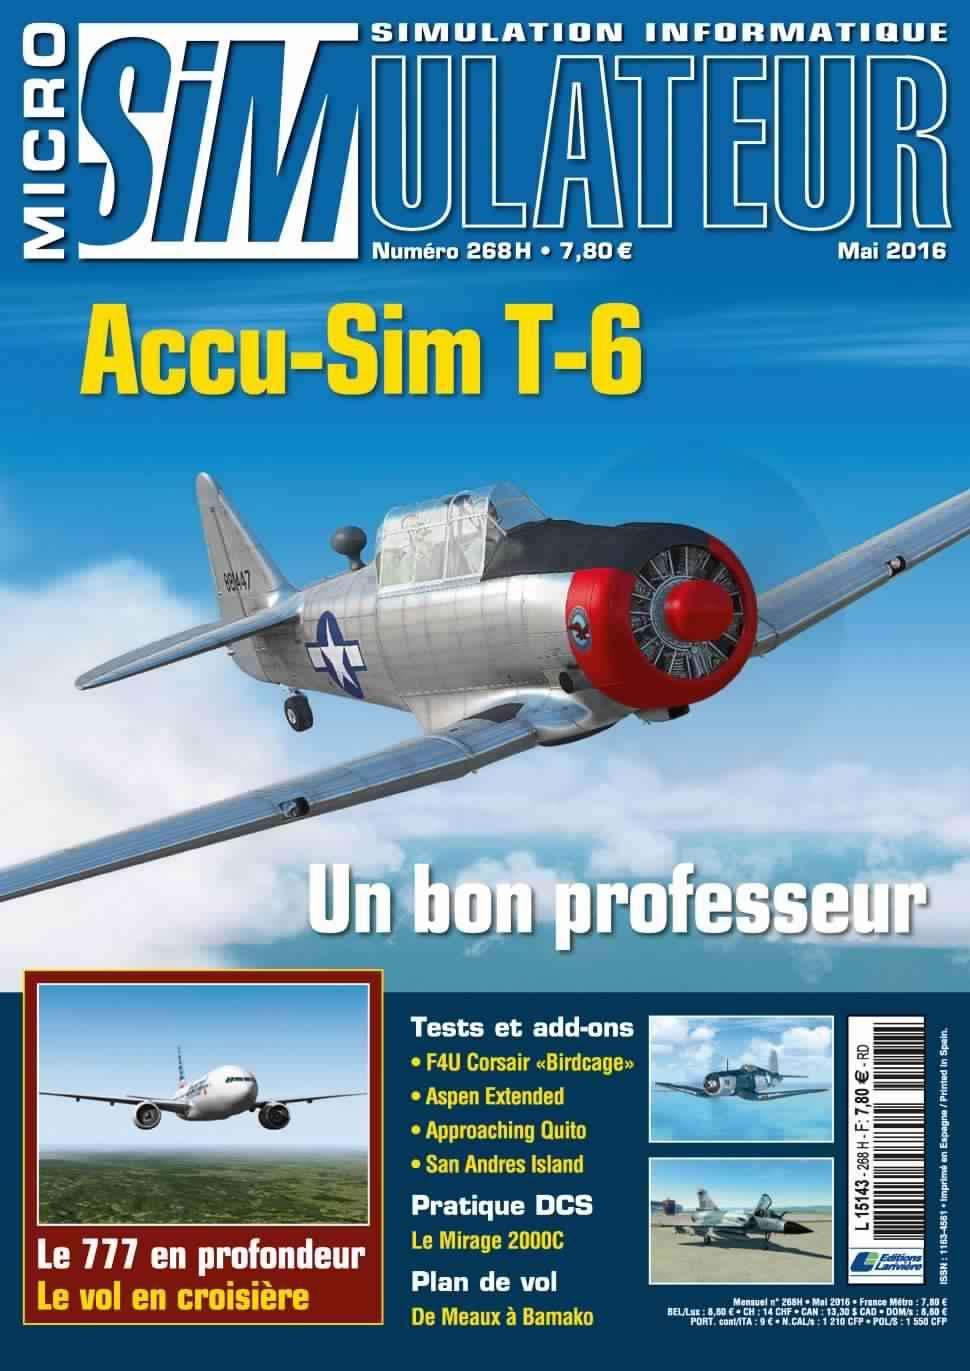 Micro Simulateur 268 - Mai 2016